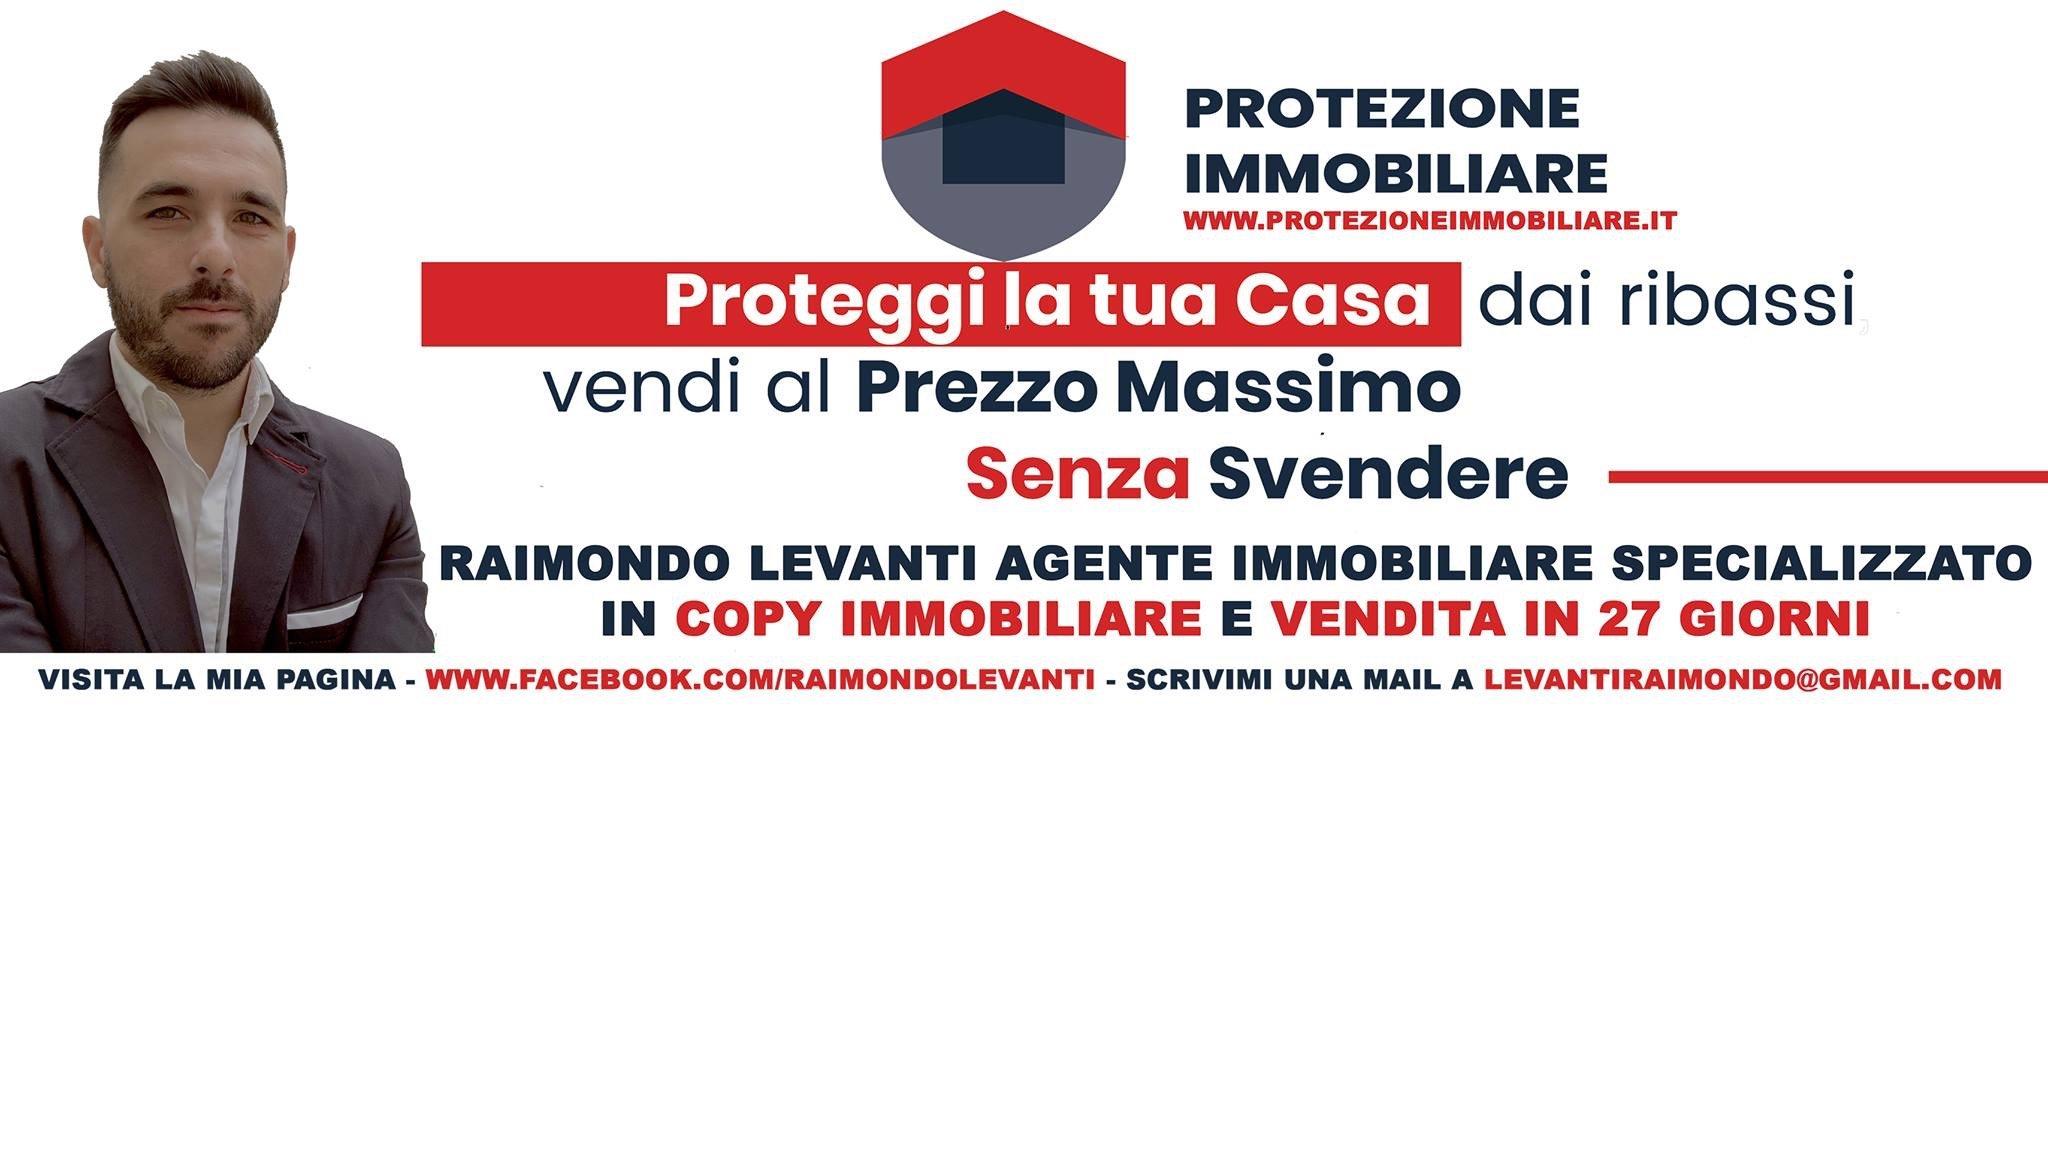 Raimondo Levanti Agente Immobiliare